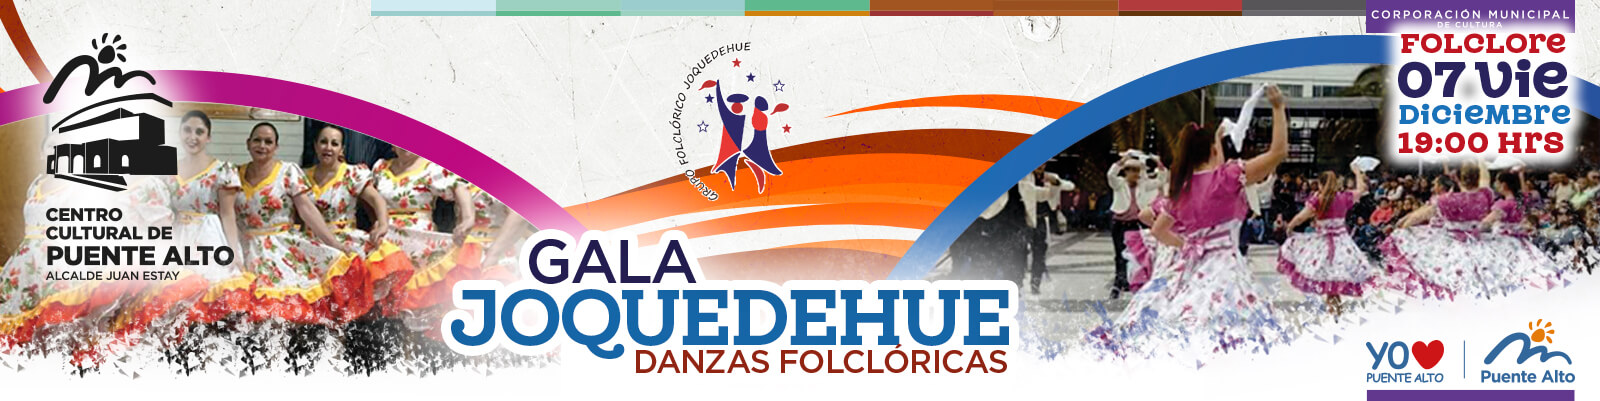 Gala Grupo Folclórico Joquedehue 2018.